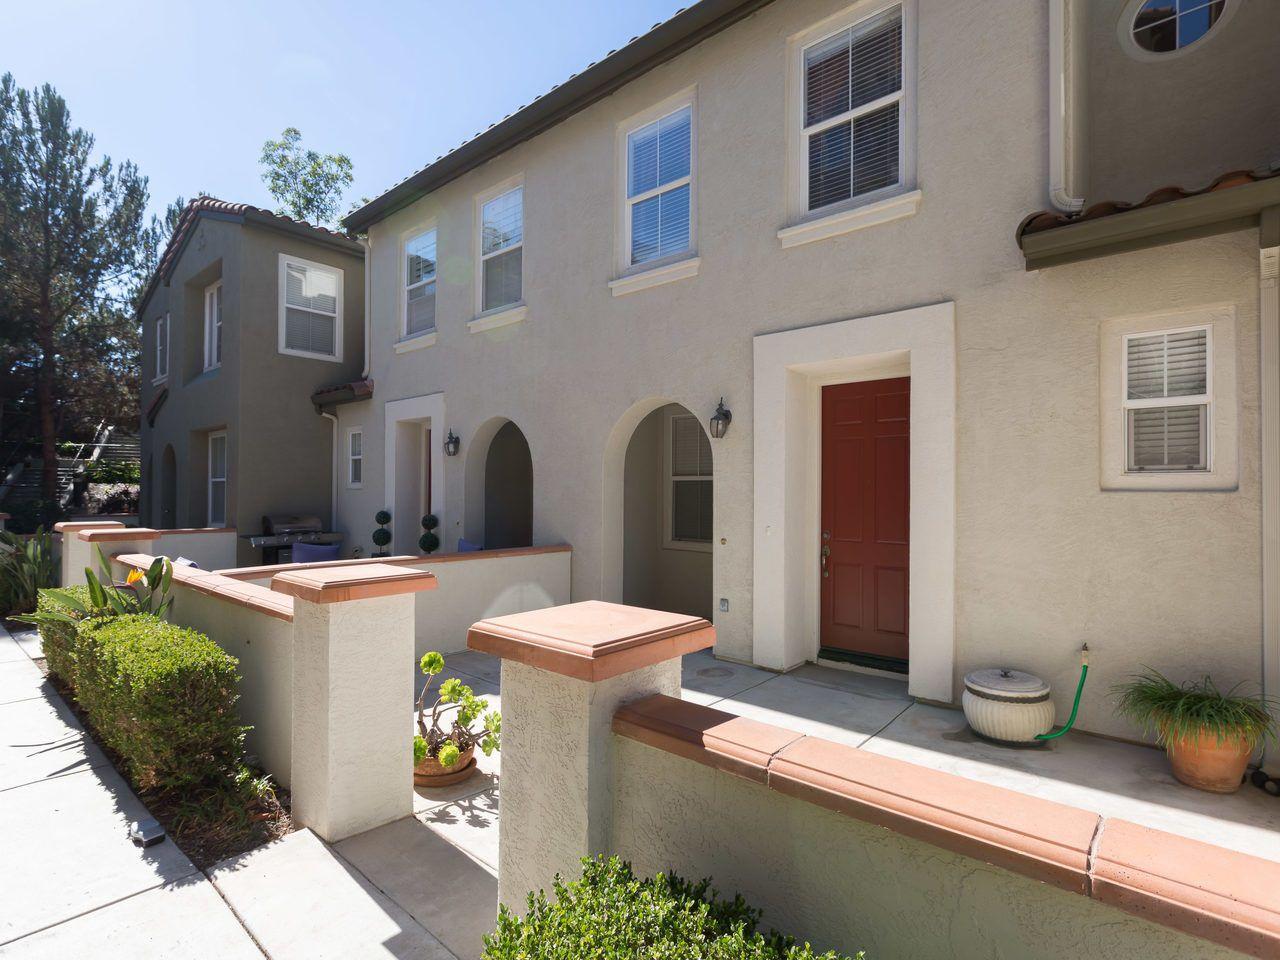 Main Photo: TORREY HIGHLANDS Condo for sale : 2 bedrooms : 7885 Via Montebello #5 in San Diego